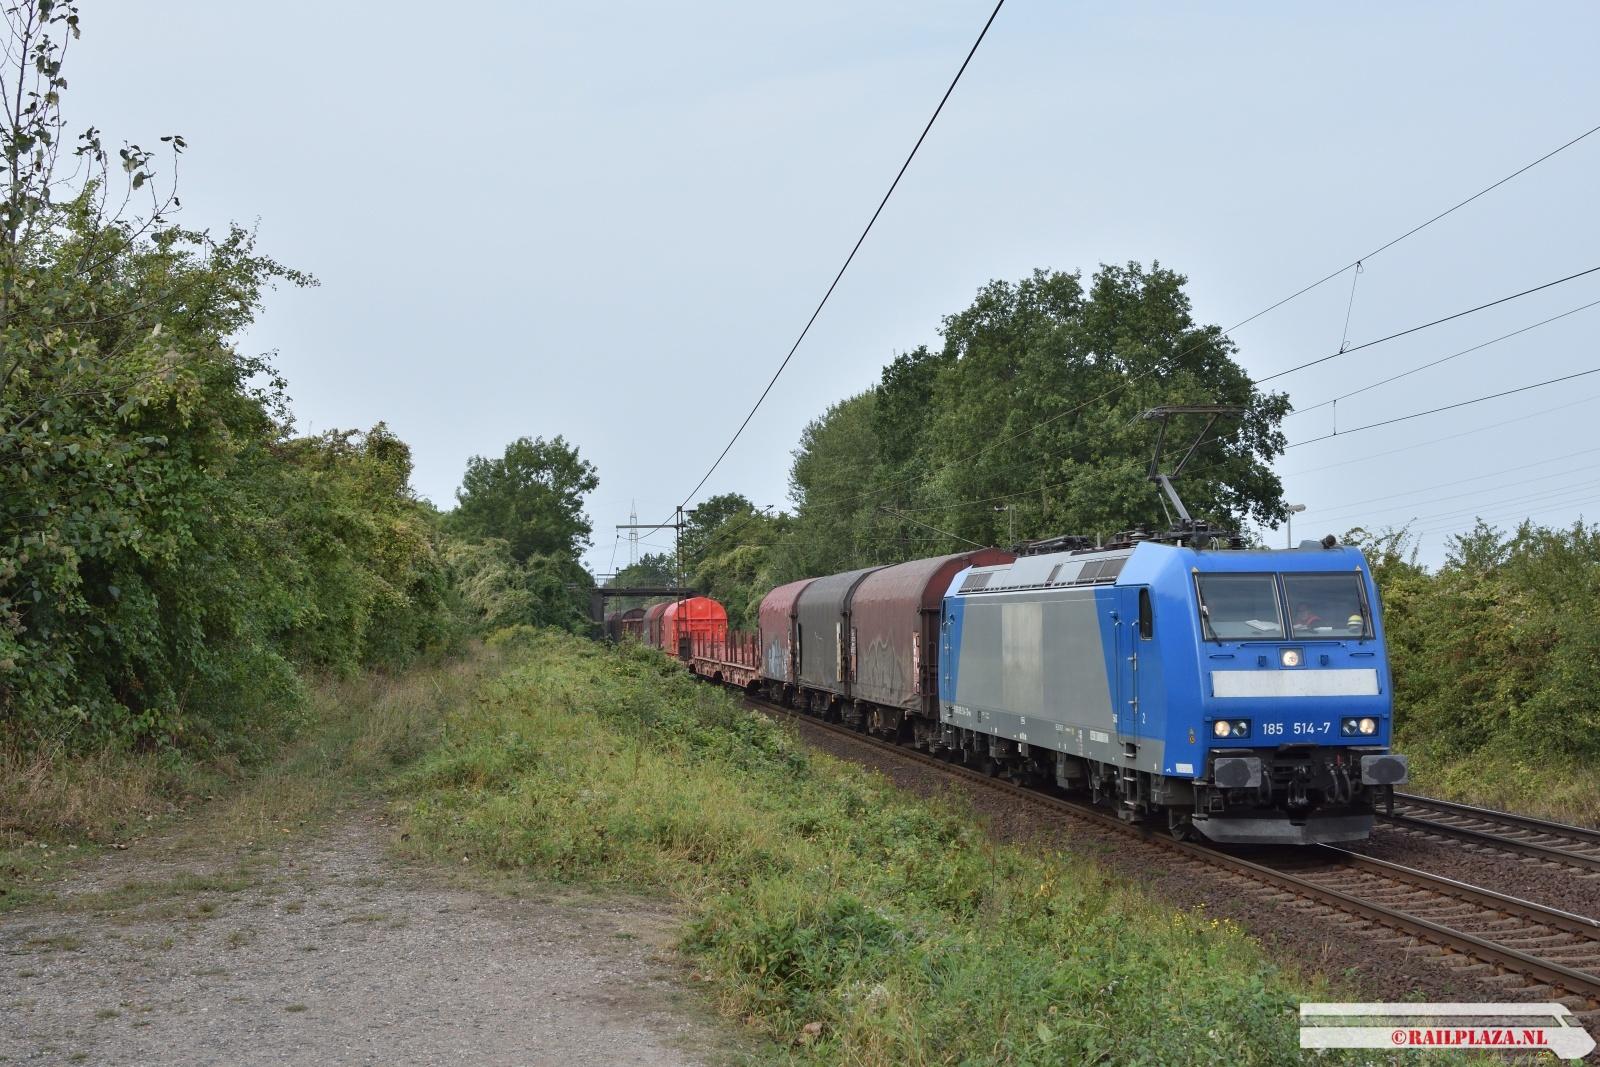 185 514 - Ahlten